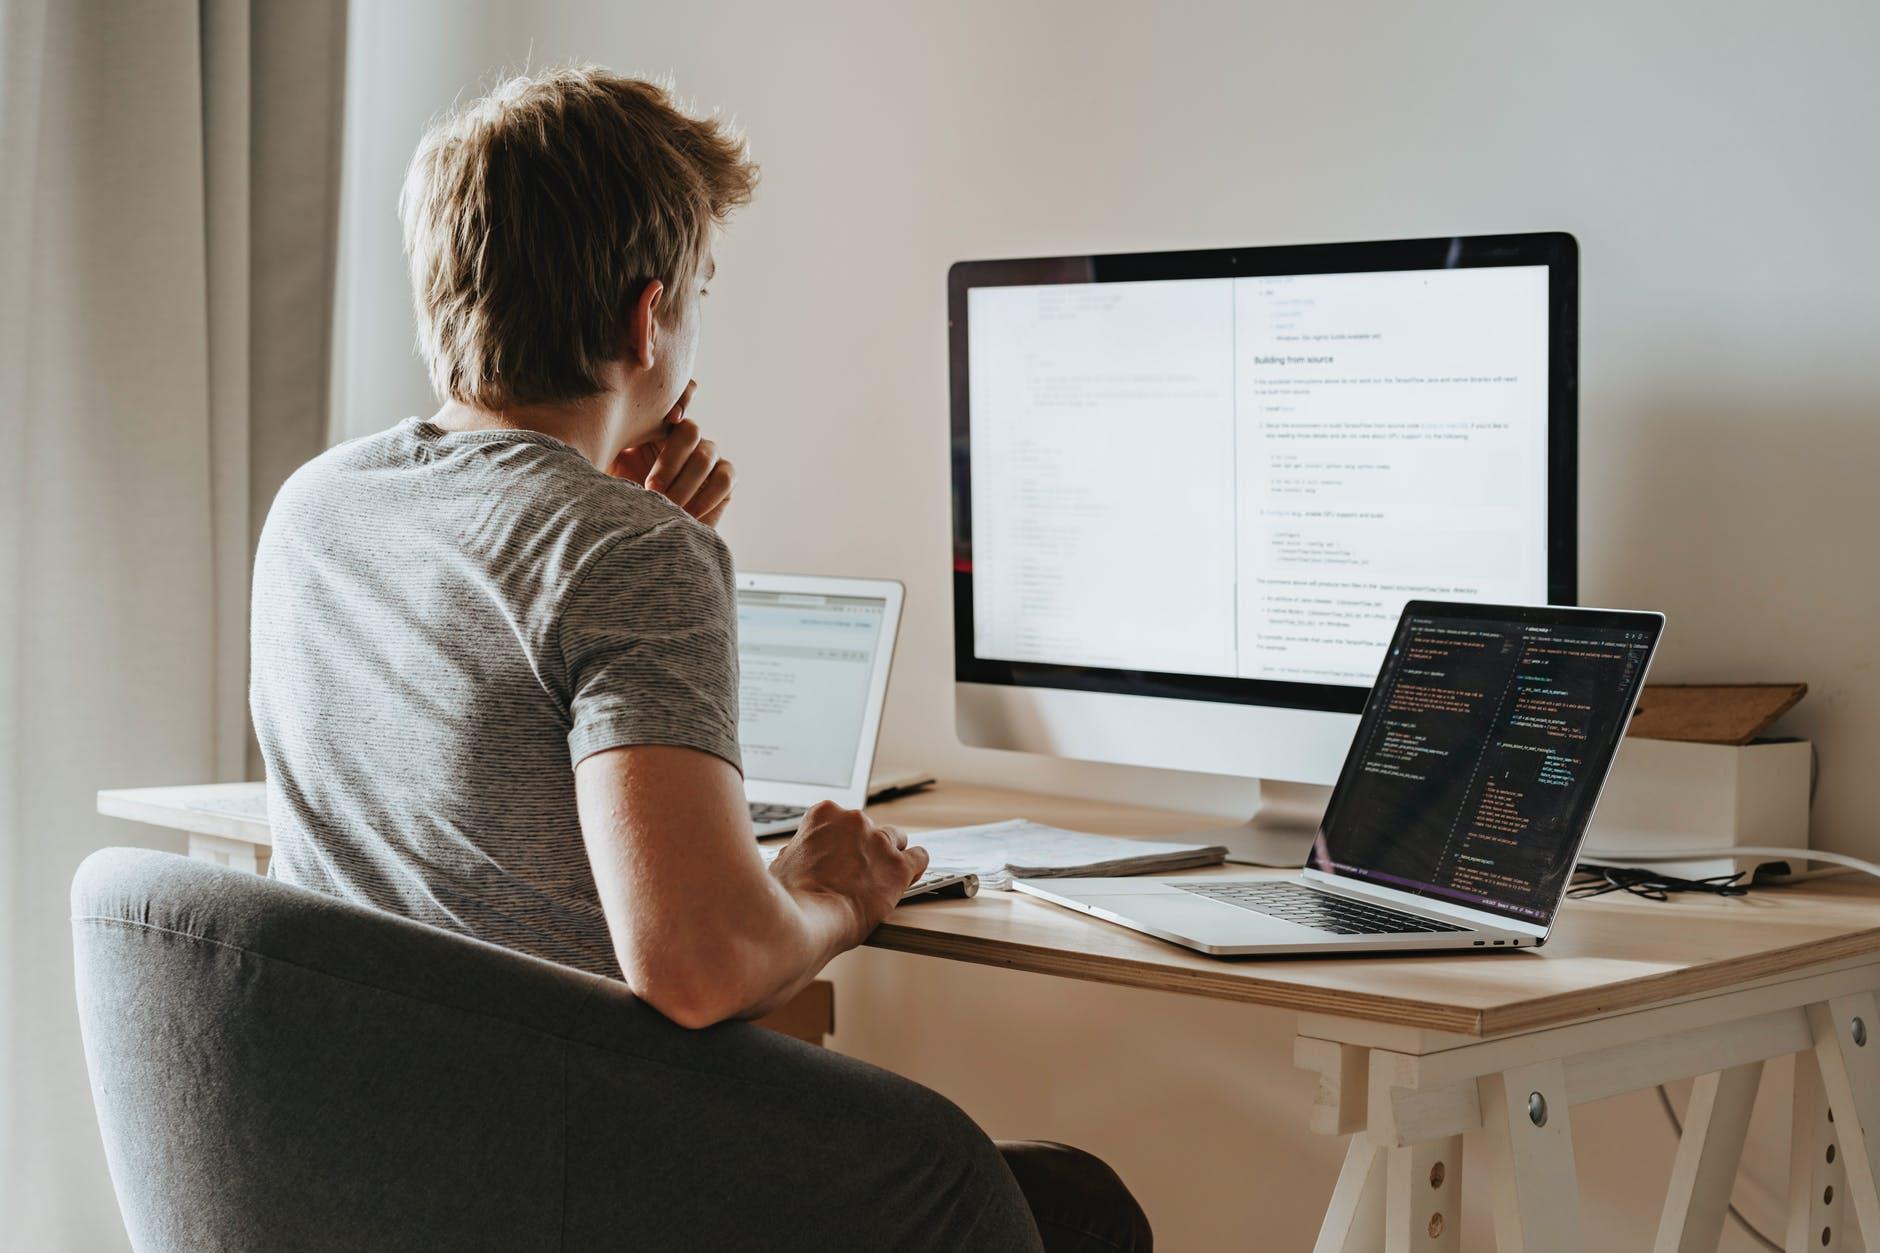 počítač, notebook, práca